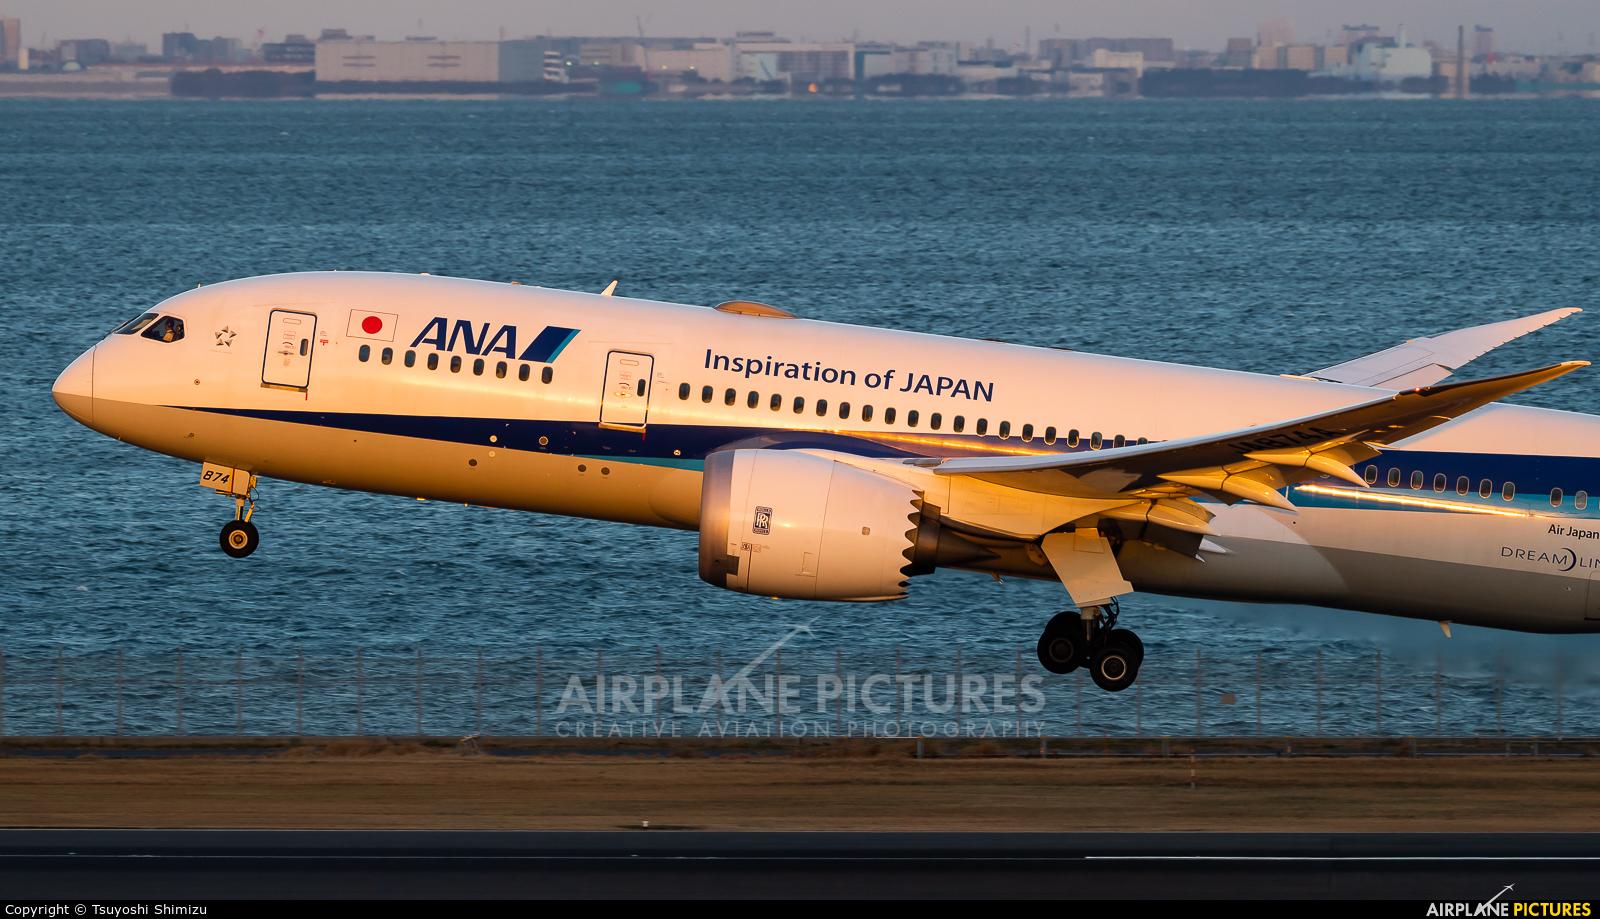 ANA - All Nippon Airways JA874A aircraft at Tokyo - Haneda Intl